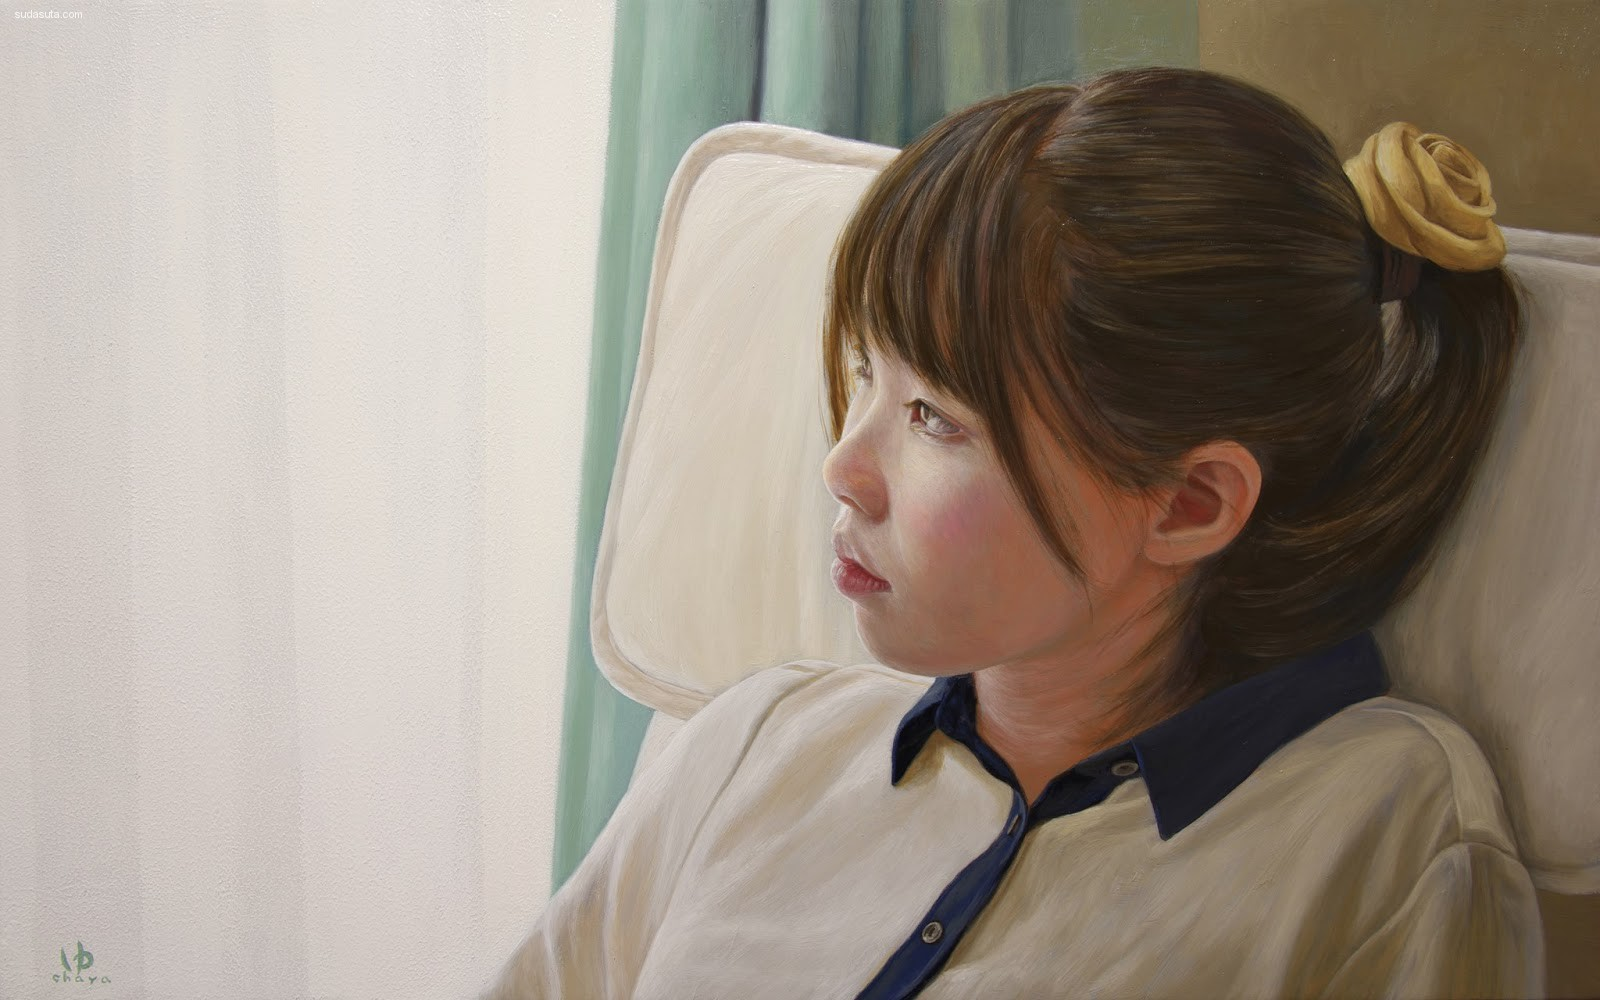 茶谷雄司/Yuji Chaya 人像绘画作品欣赏